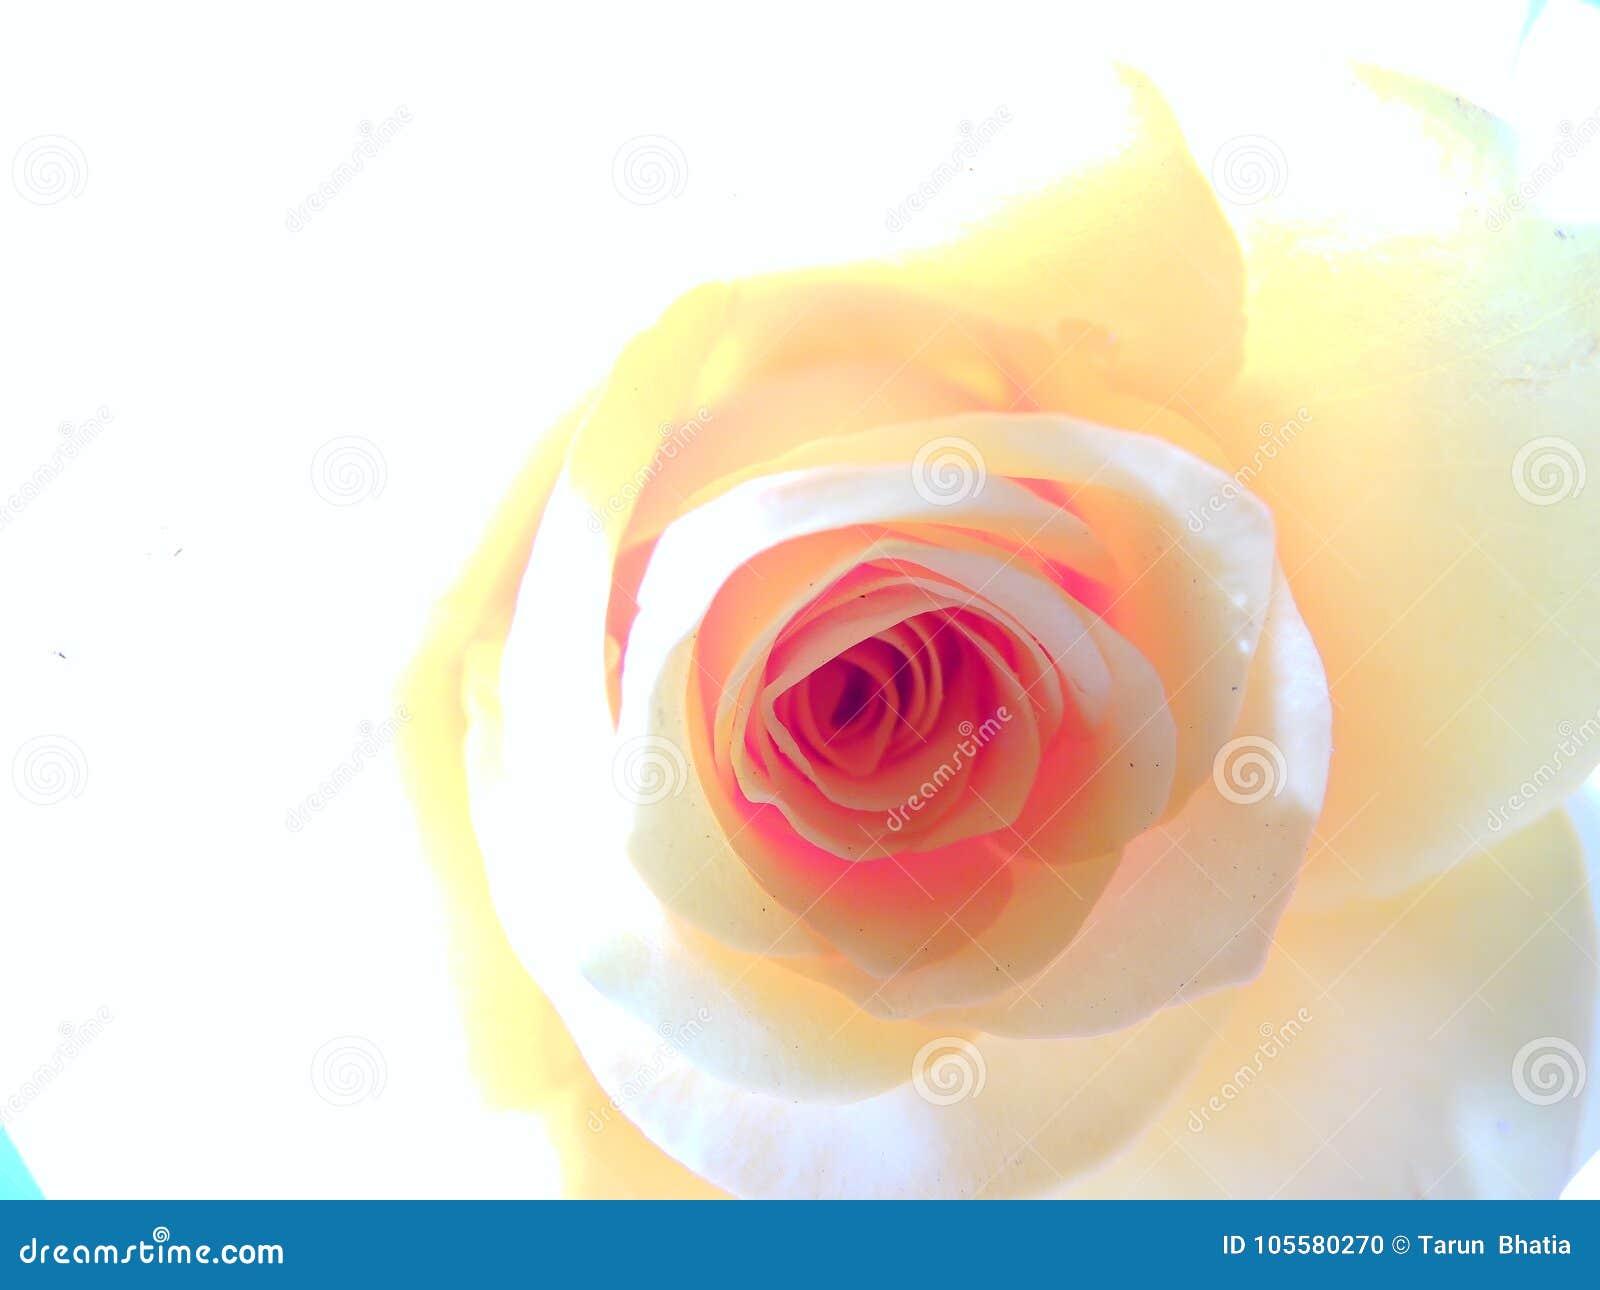 Makro-Rose, hohes Schlüsselporträt, bewegliche Tapete